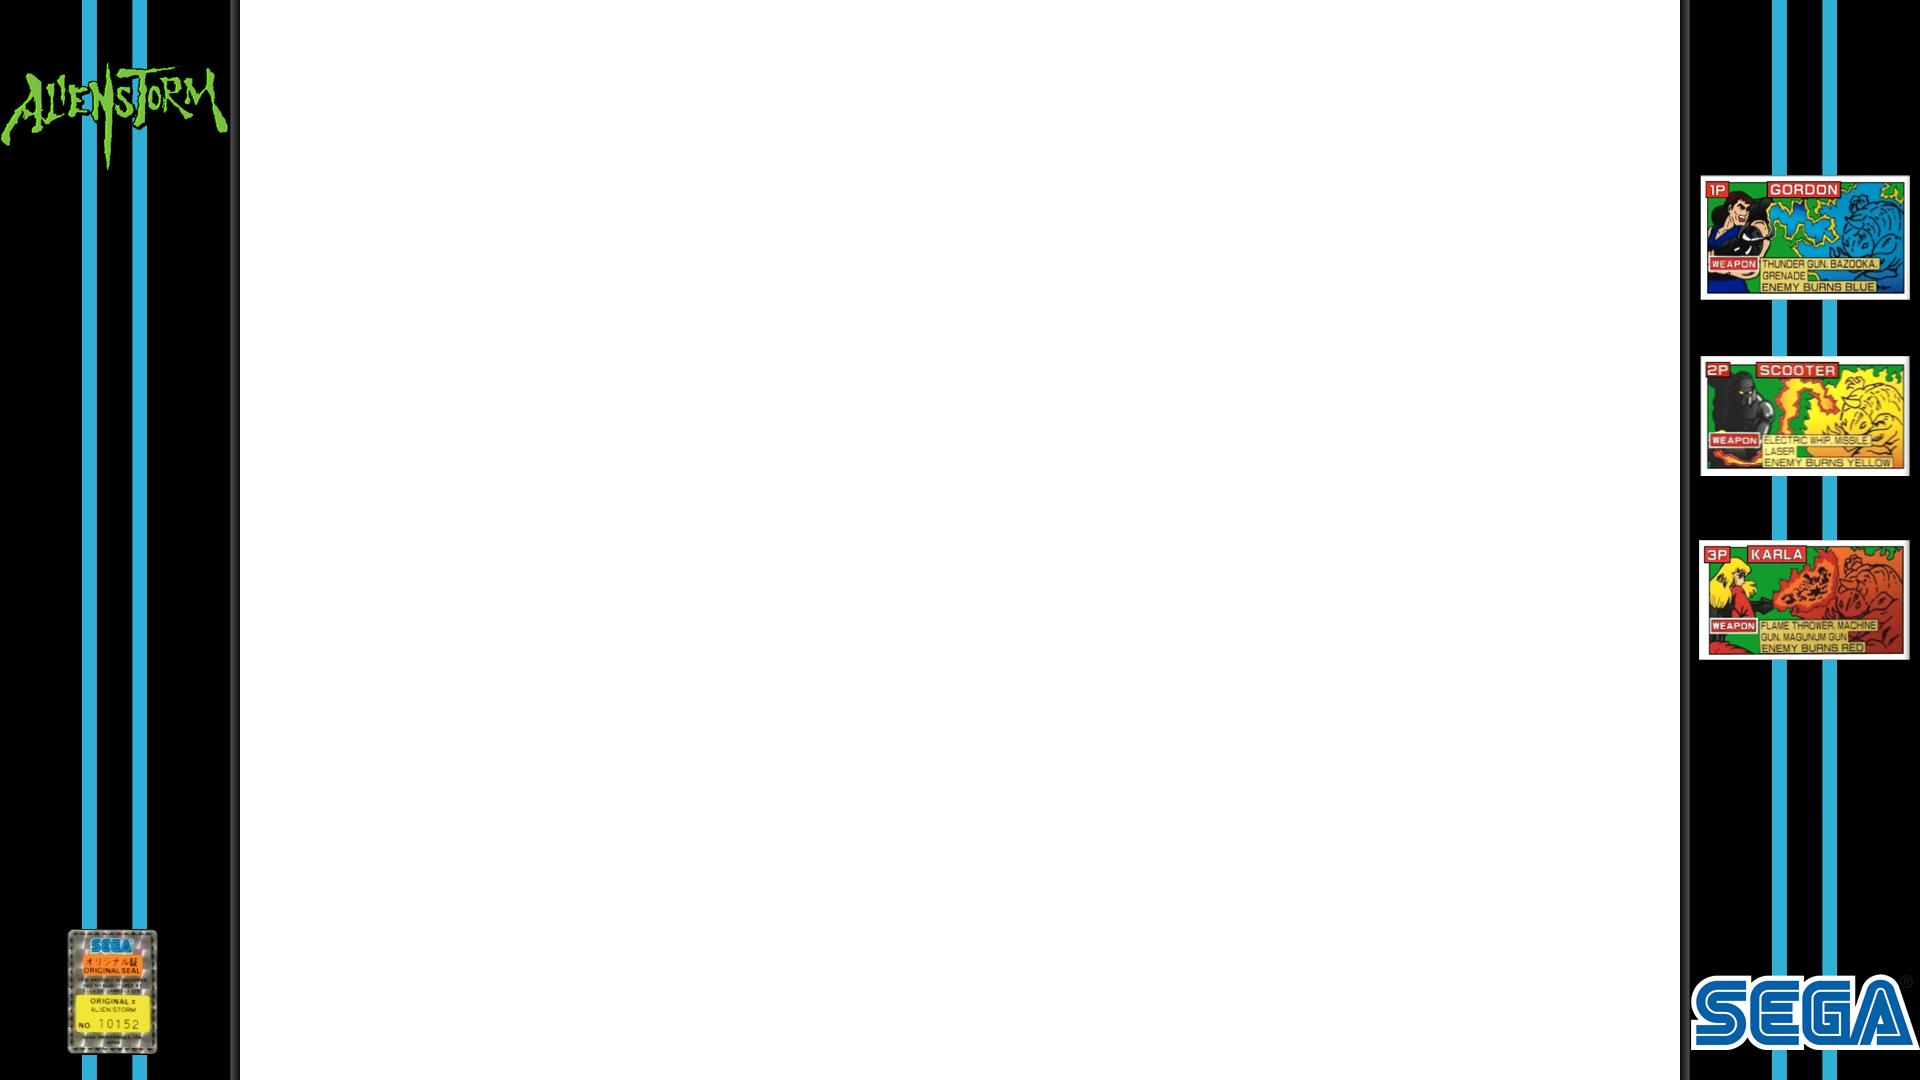 Alien Sorm 1080p overlay